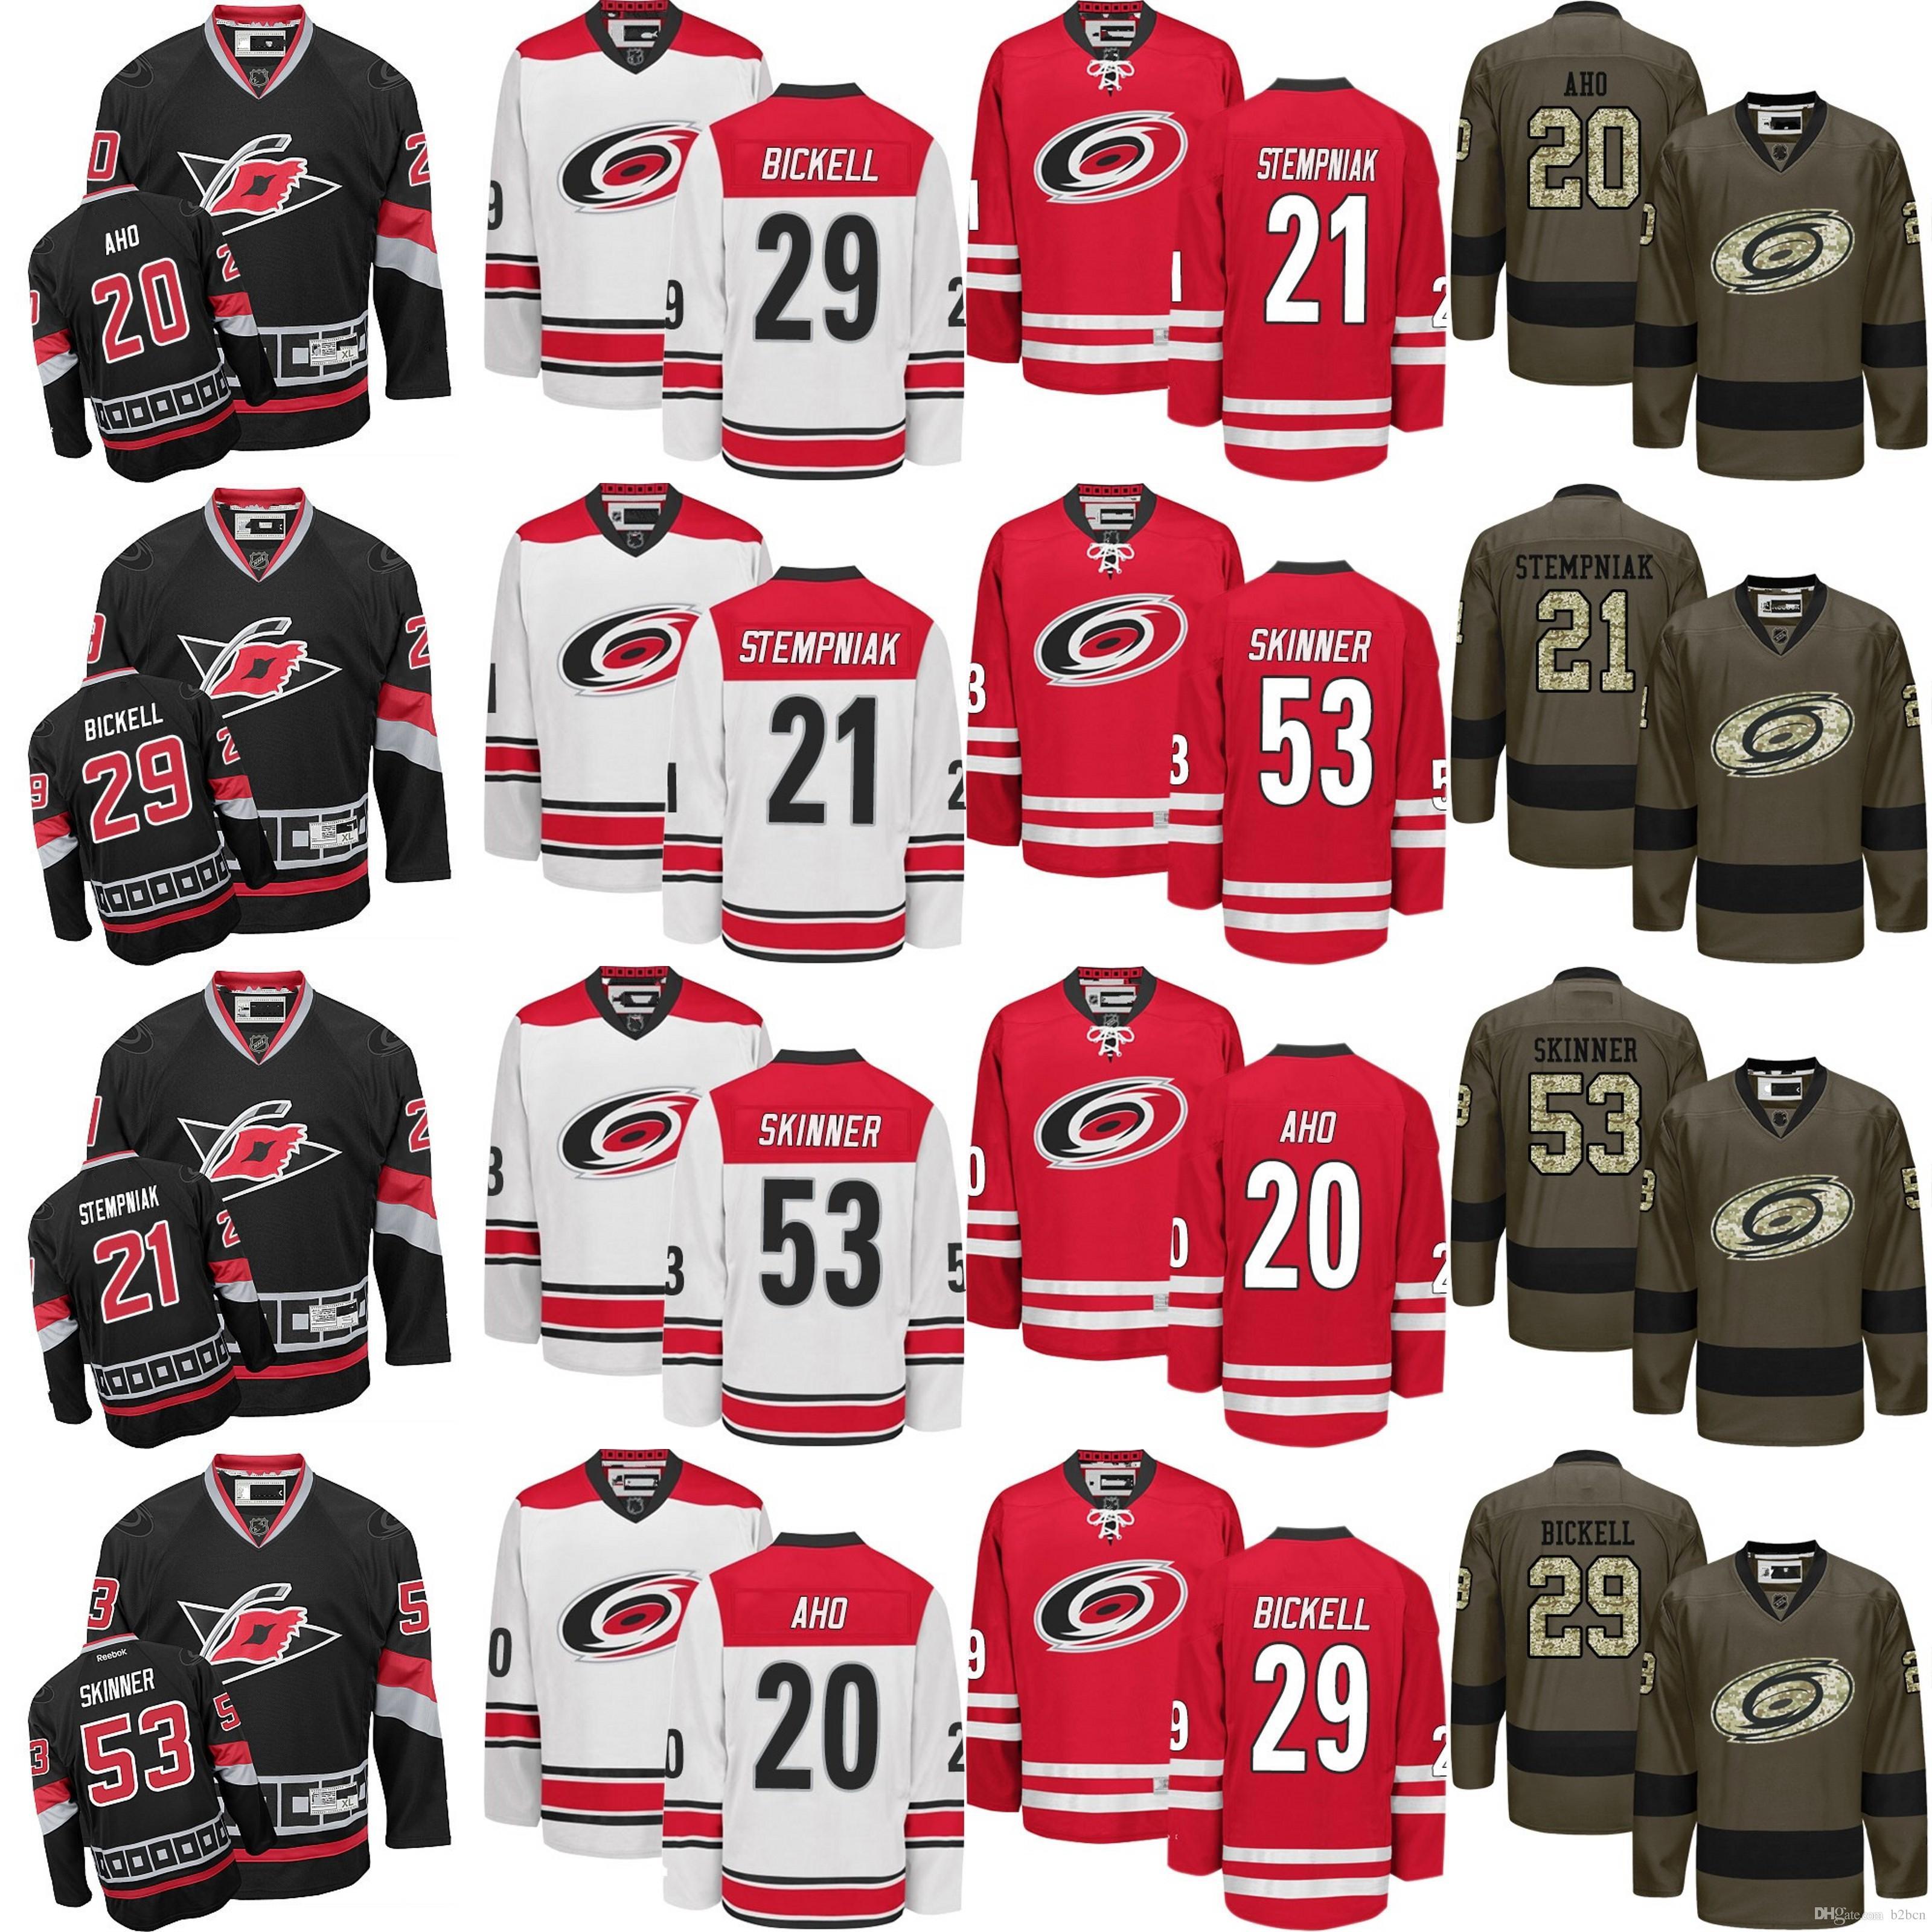 42b8c257 Großhandel Carolina Hurricanes Der Kundenspezifischen Männer 53 Jeff  Skinner 11 Staal 12 Eric Staal 28 Alexander Semin Neues Team Hockey Jerseys  Von B2bcn, ...